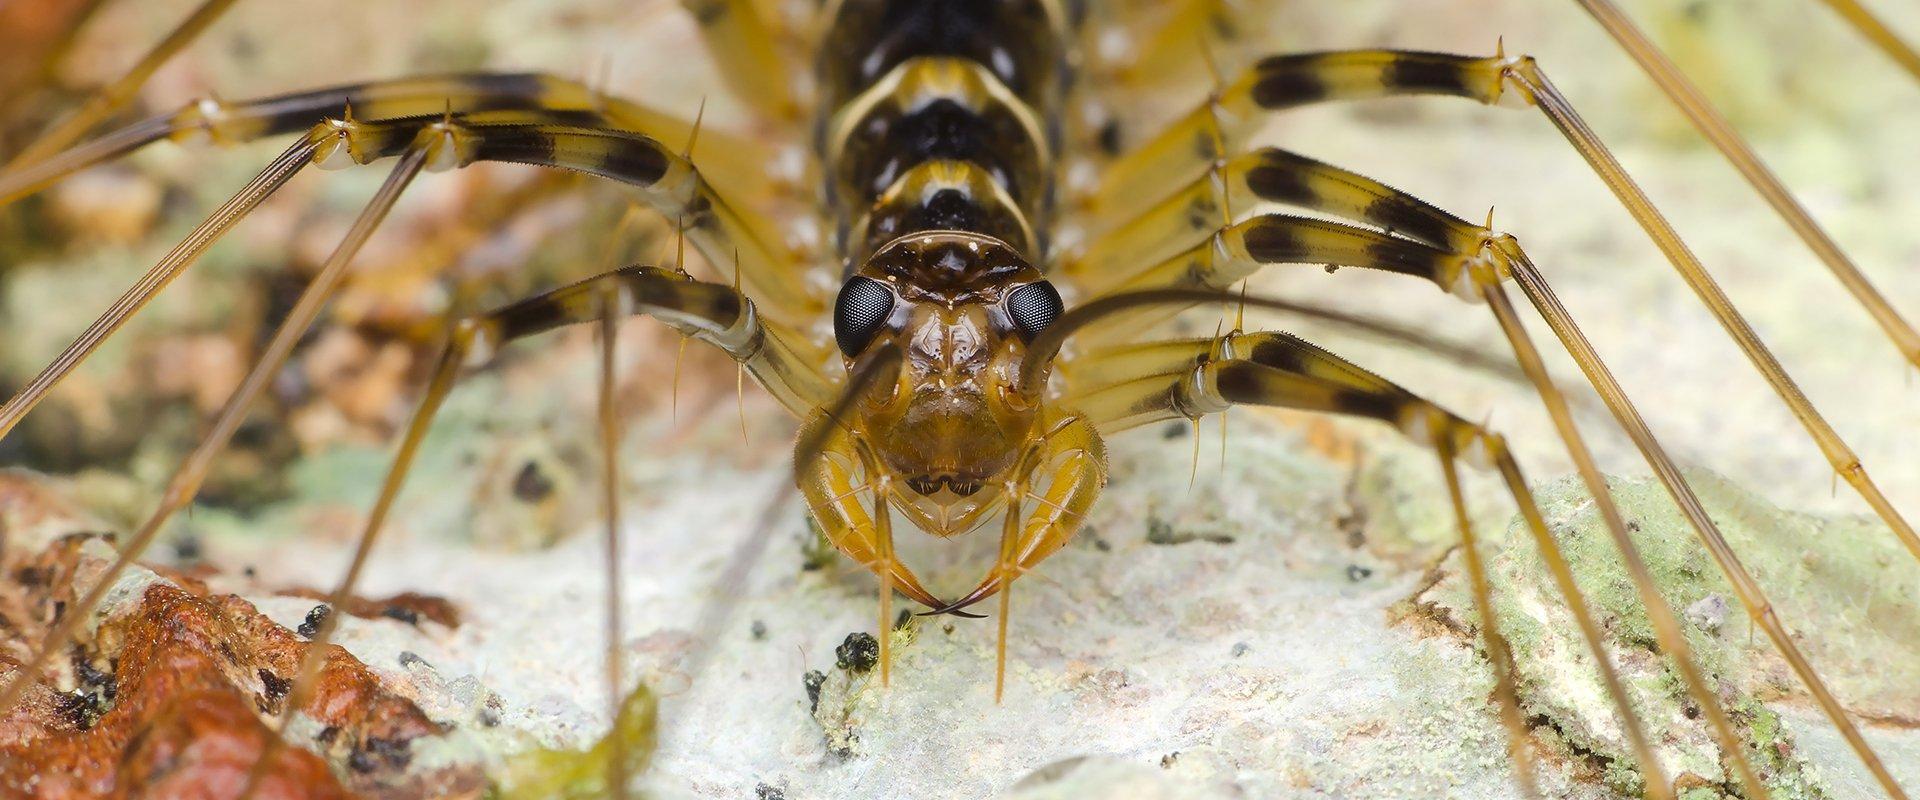 centipede outside